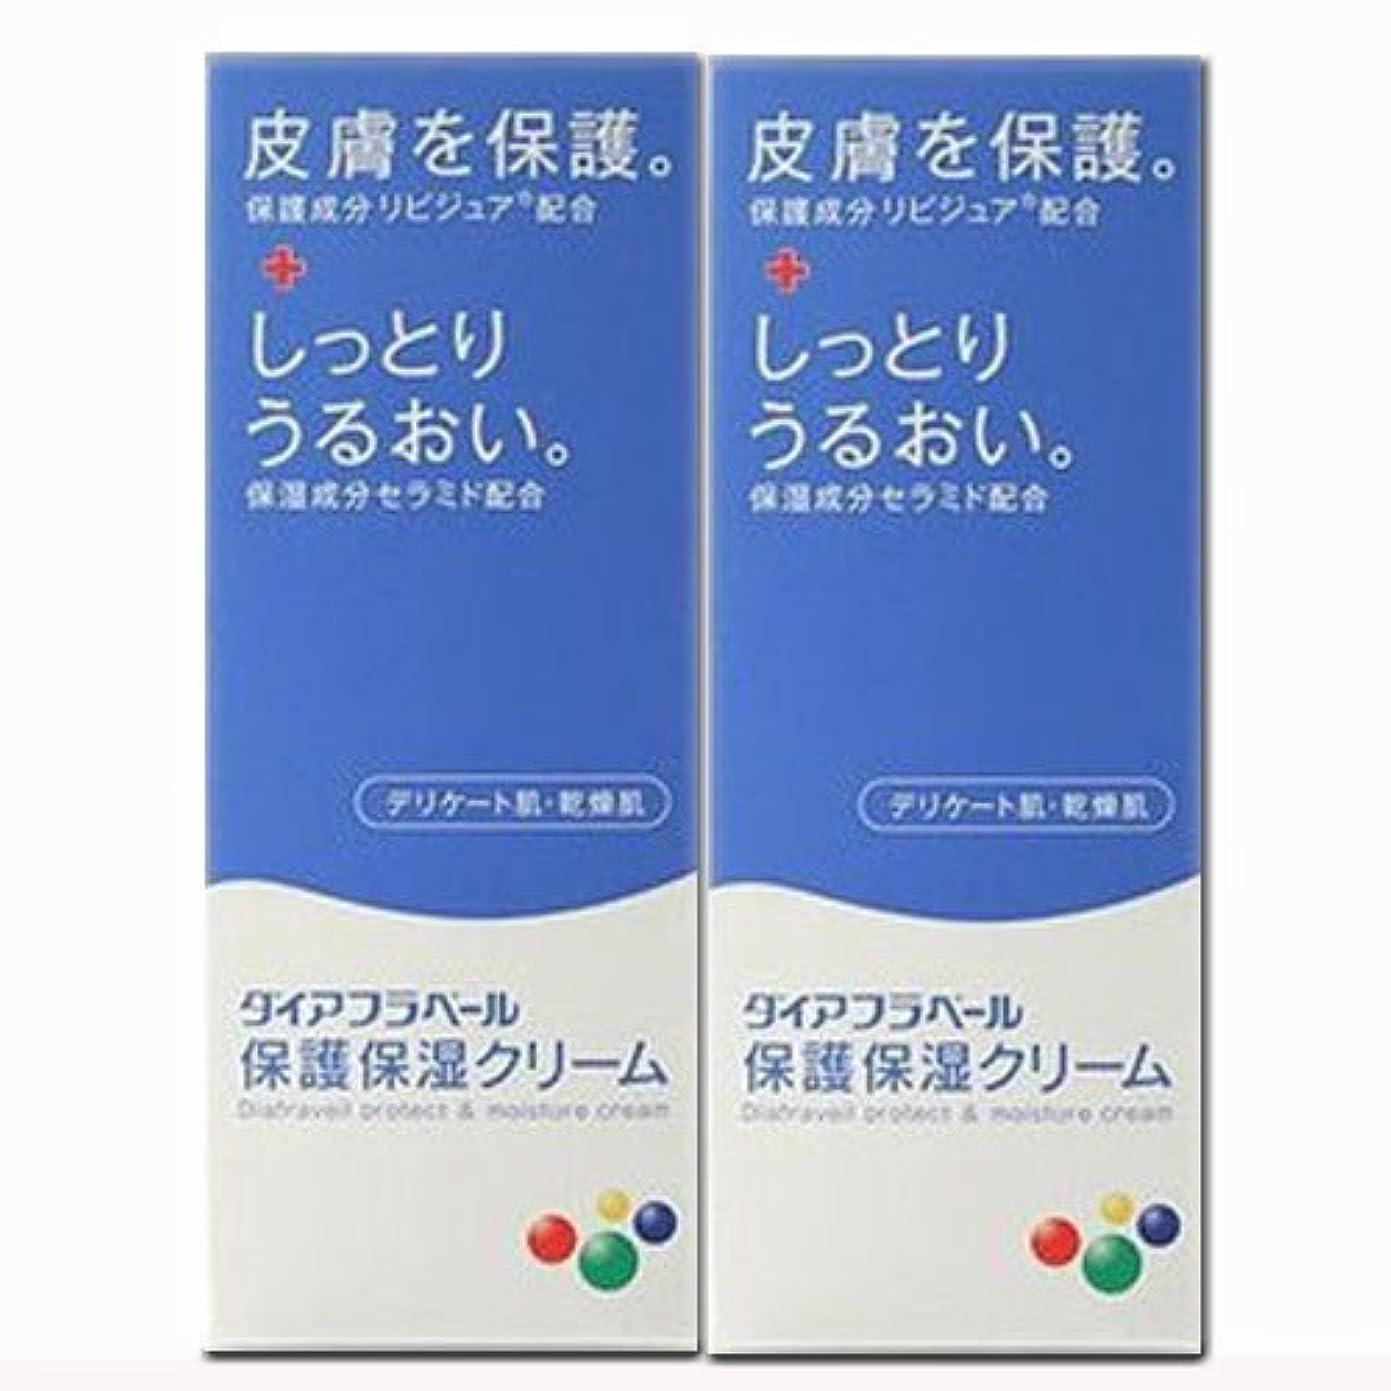 あいにくお嬢バケツ【2個】ダイアフラベール 保護保湿クリーム 60gx2個 (4987360200539-2)